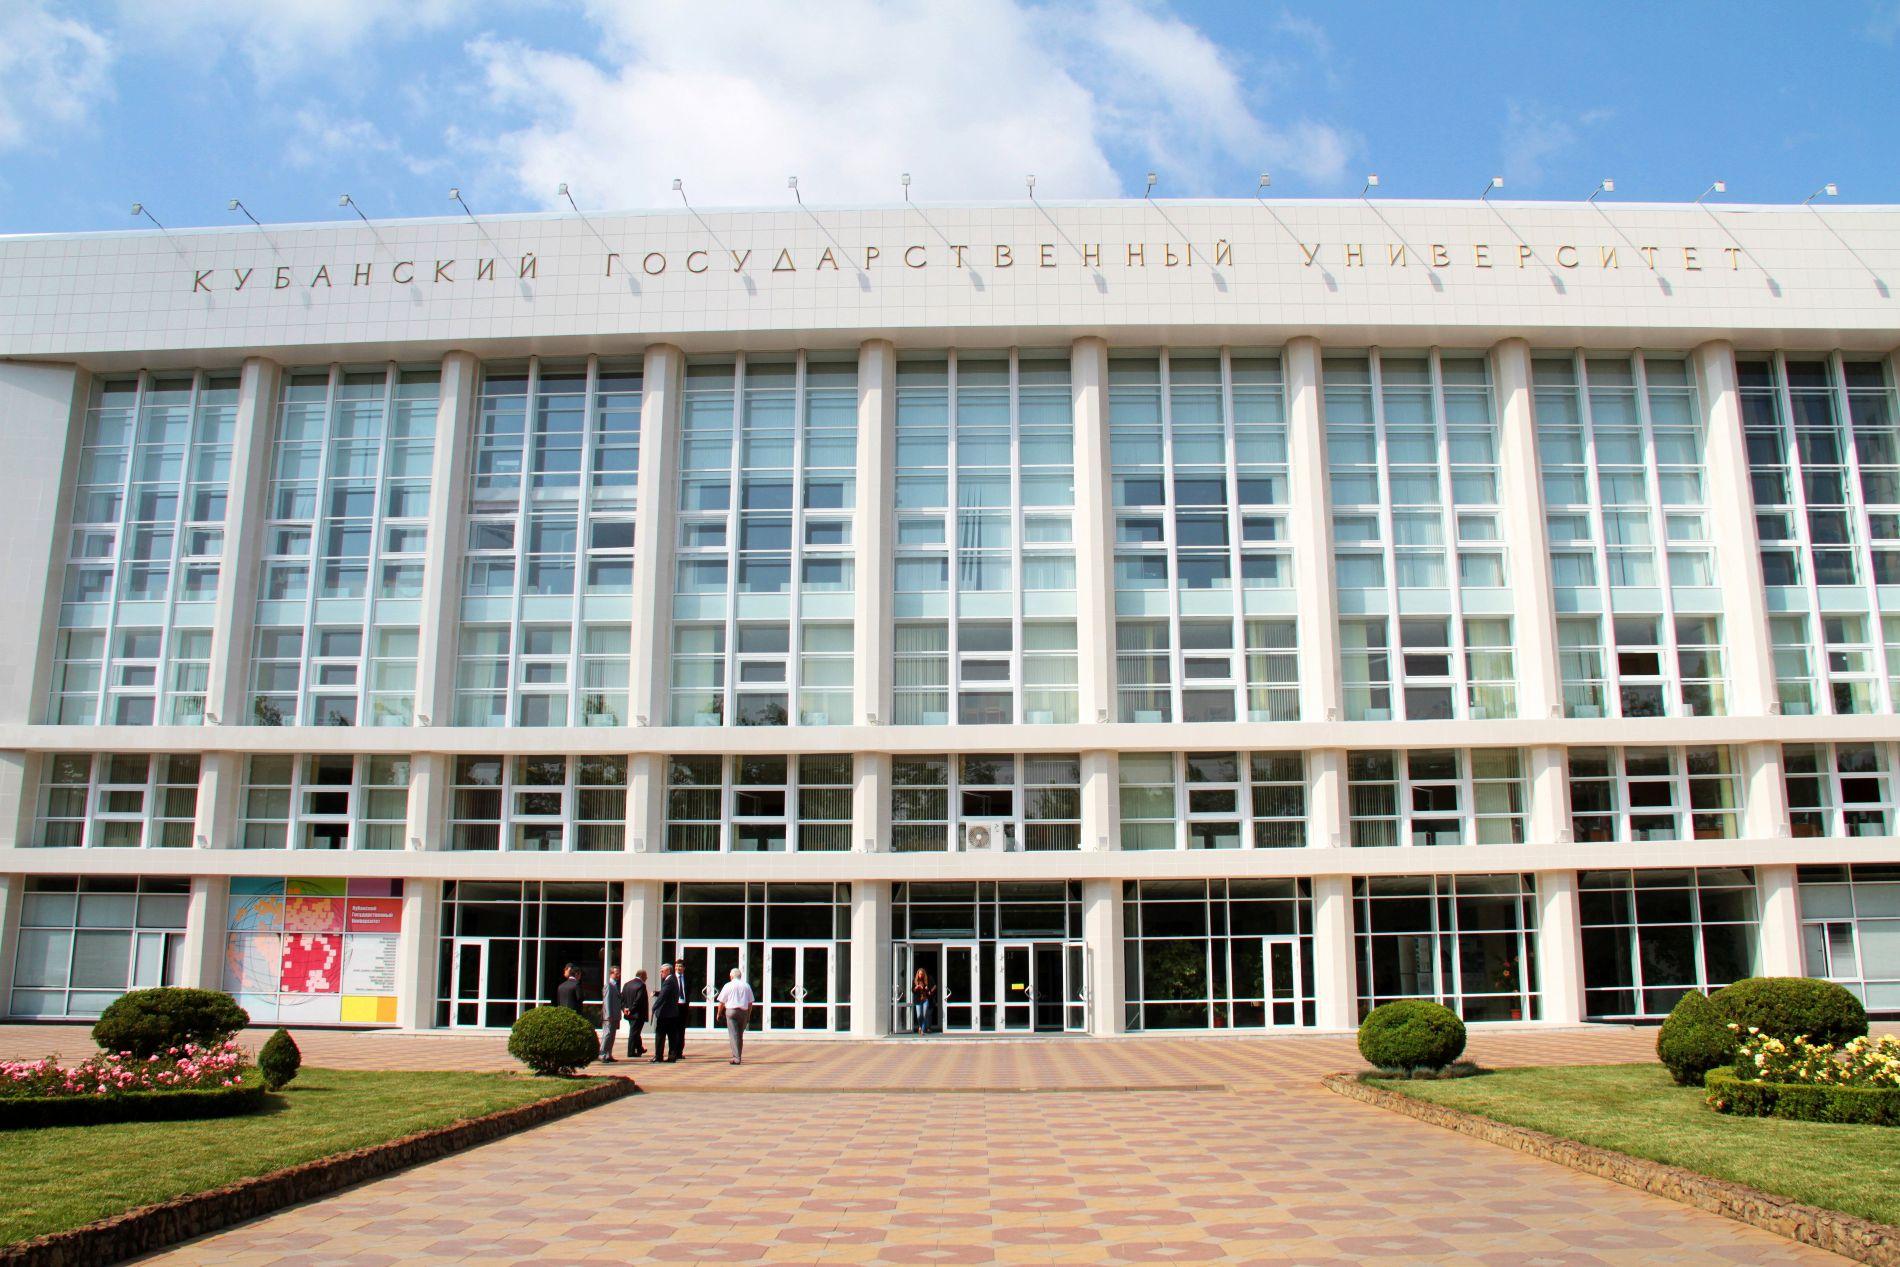 Кубанский государственный университет ©Фото с сайта kubsu.ru